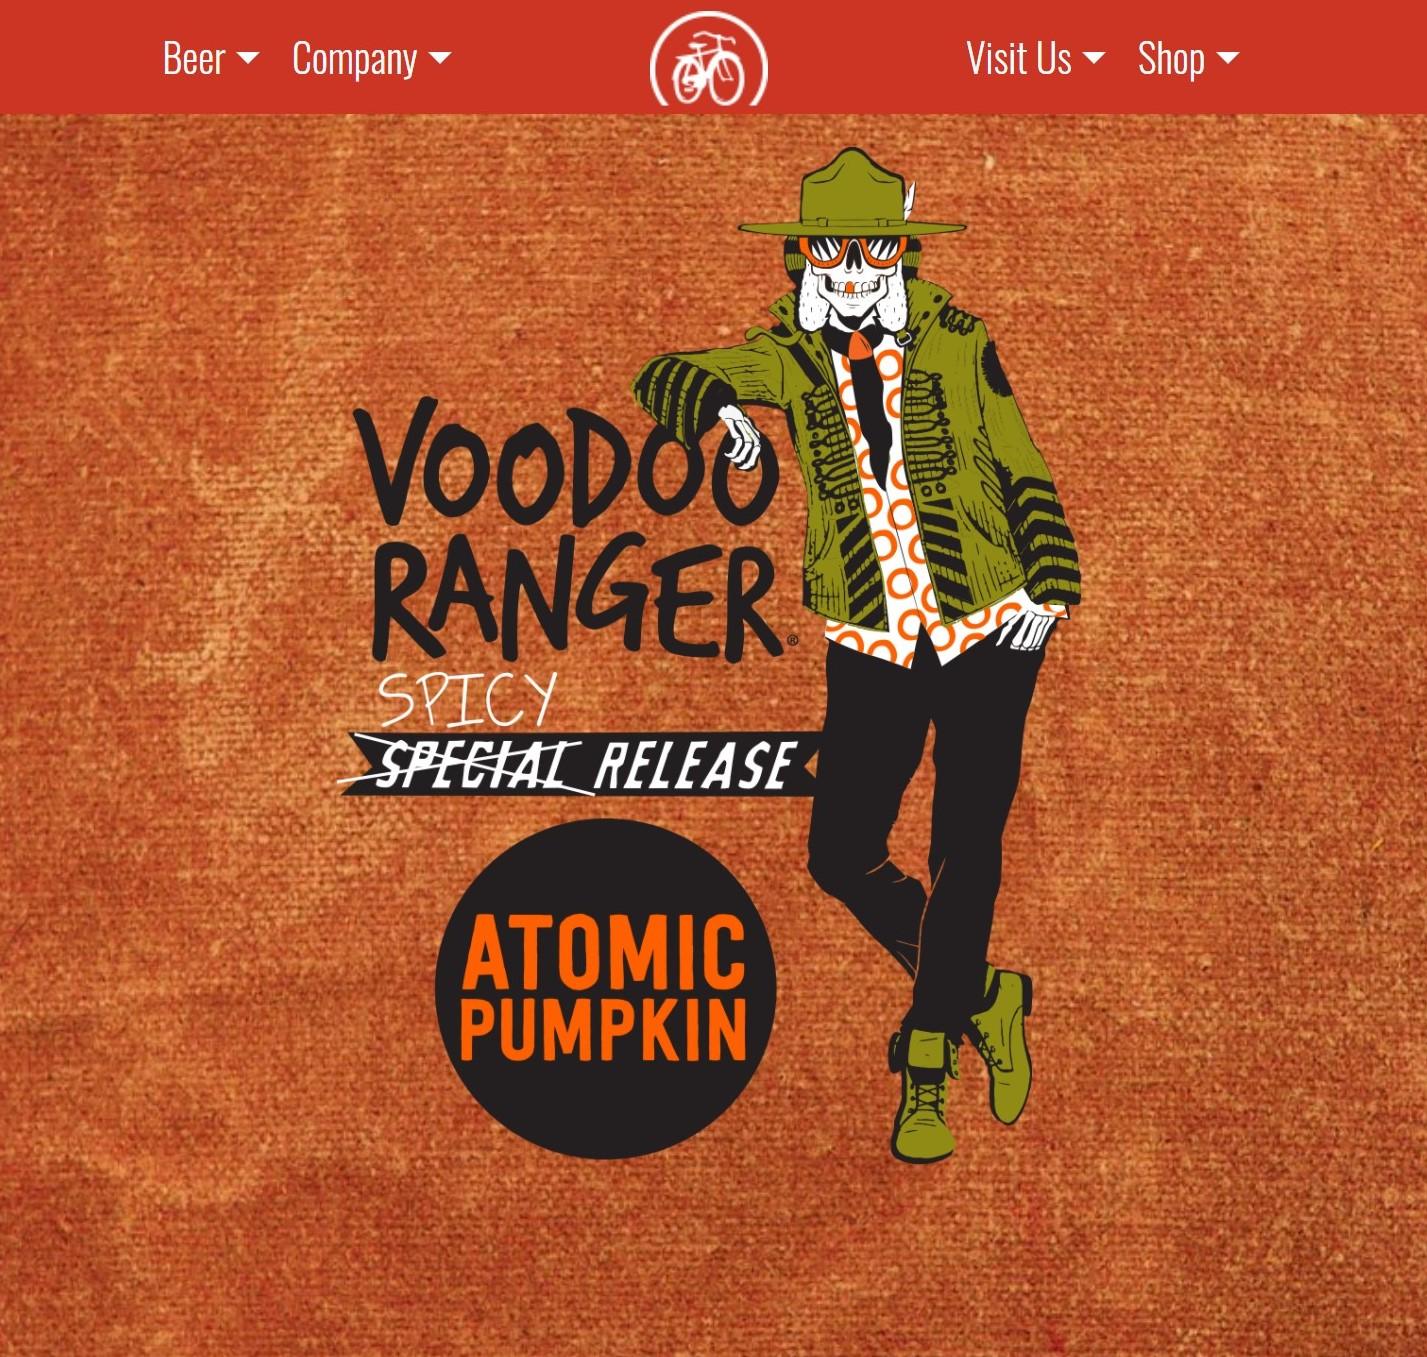 voodoo ranger atomic pumpkin